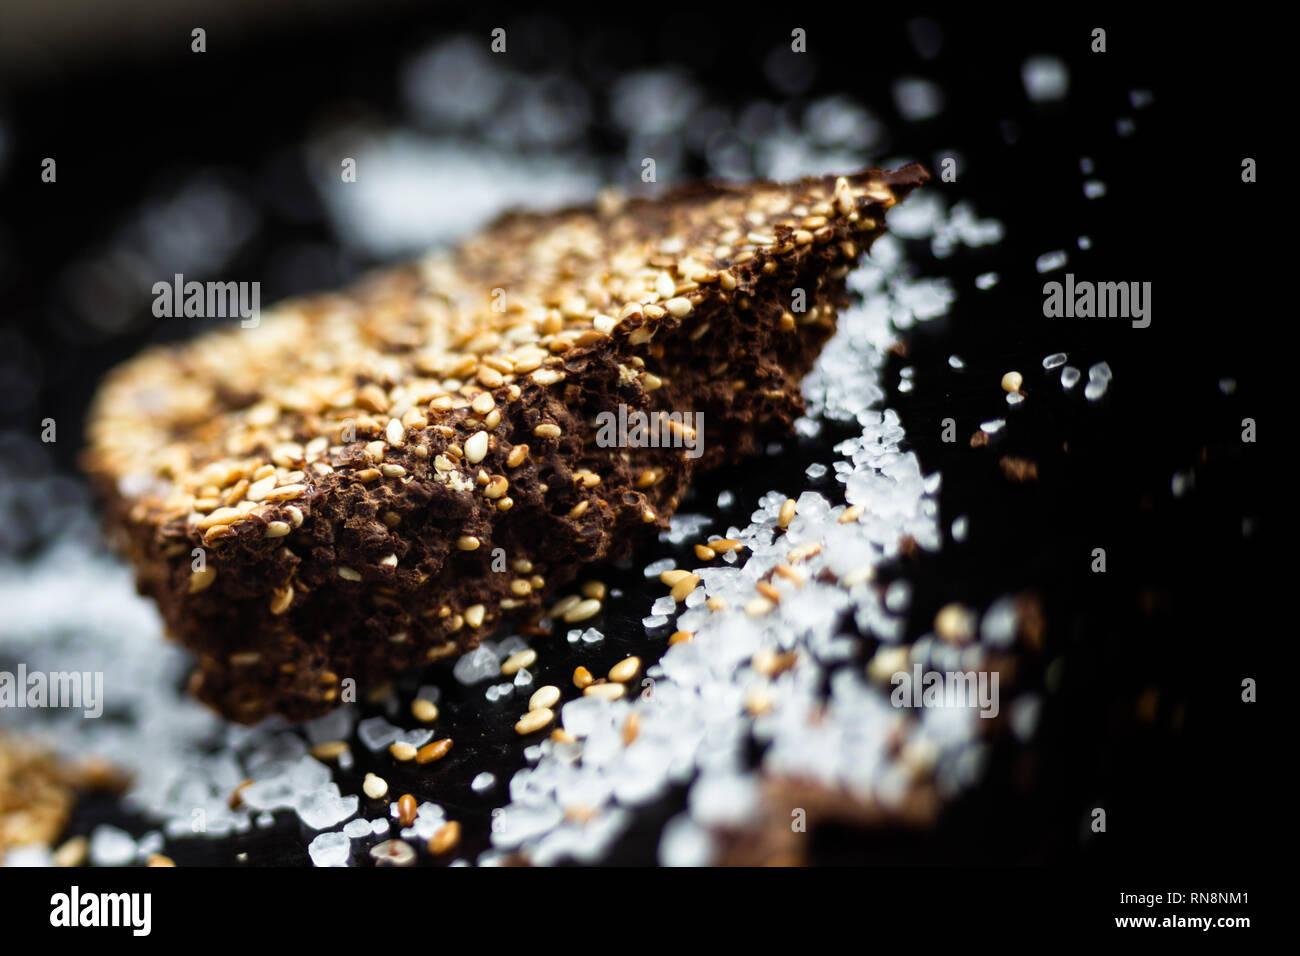 Il lusso artigianale di cioccolato fondente con seasame e sale marino, sfondo nero Immagini Stock